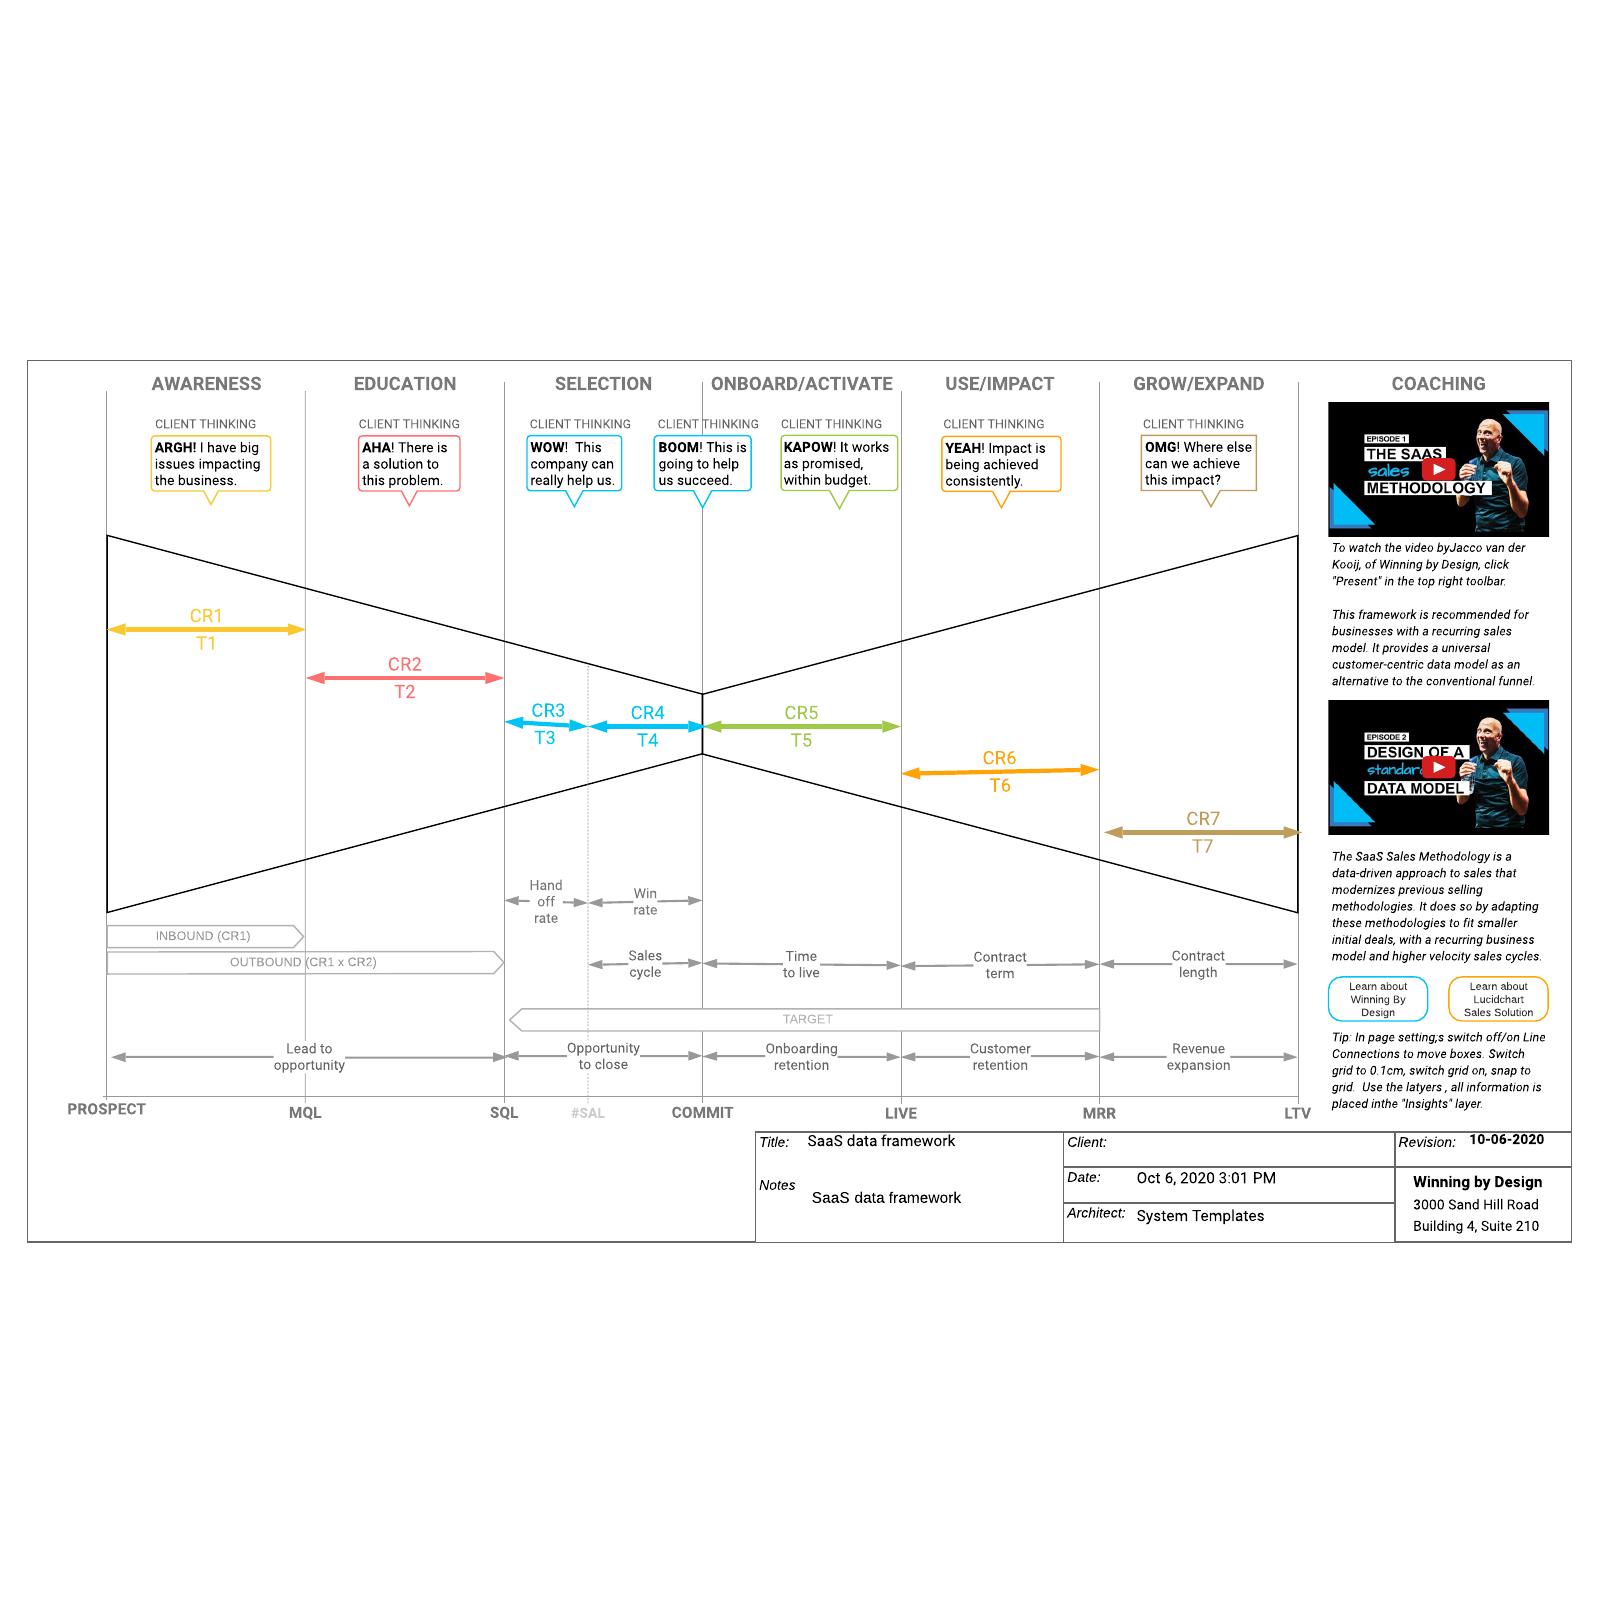 SaaS data framework